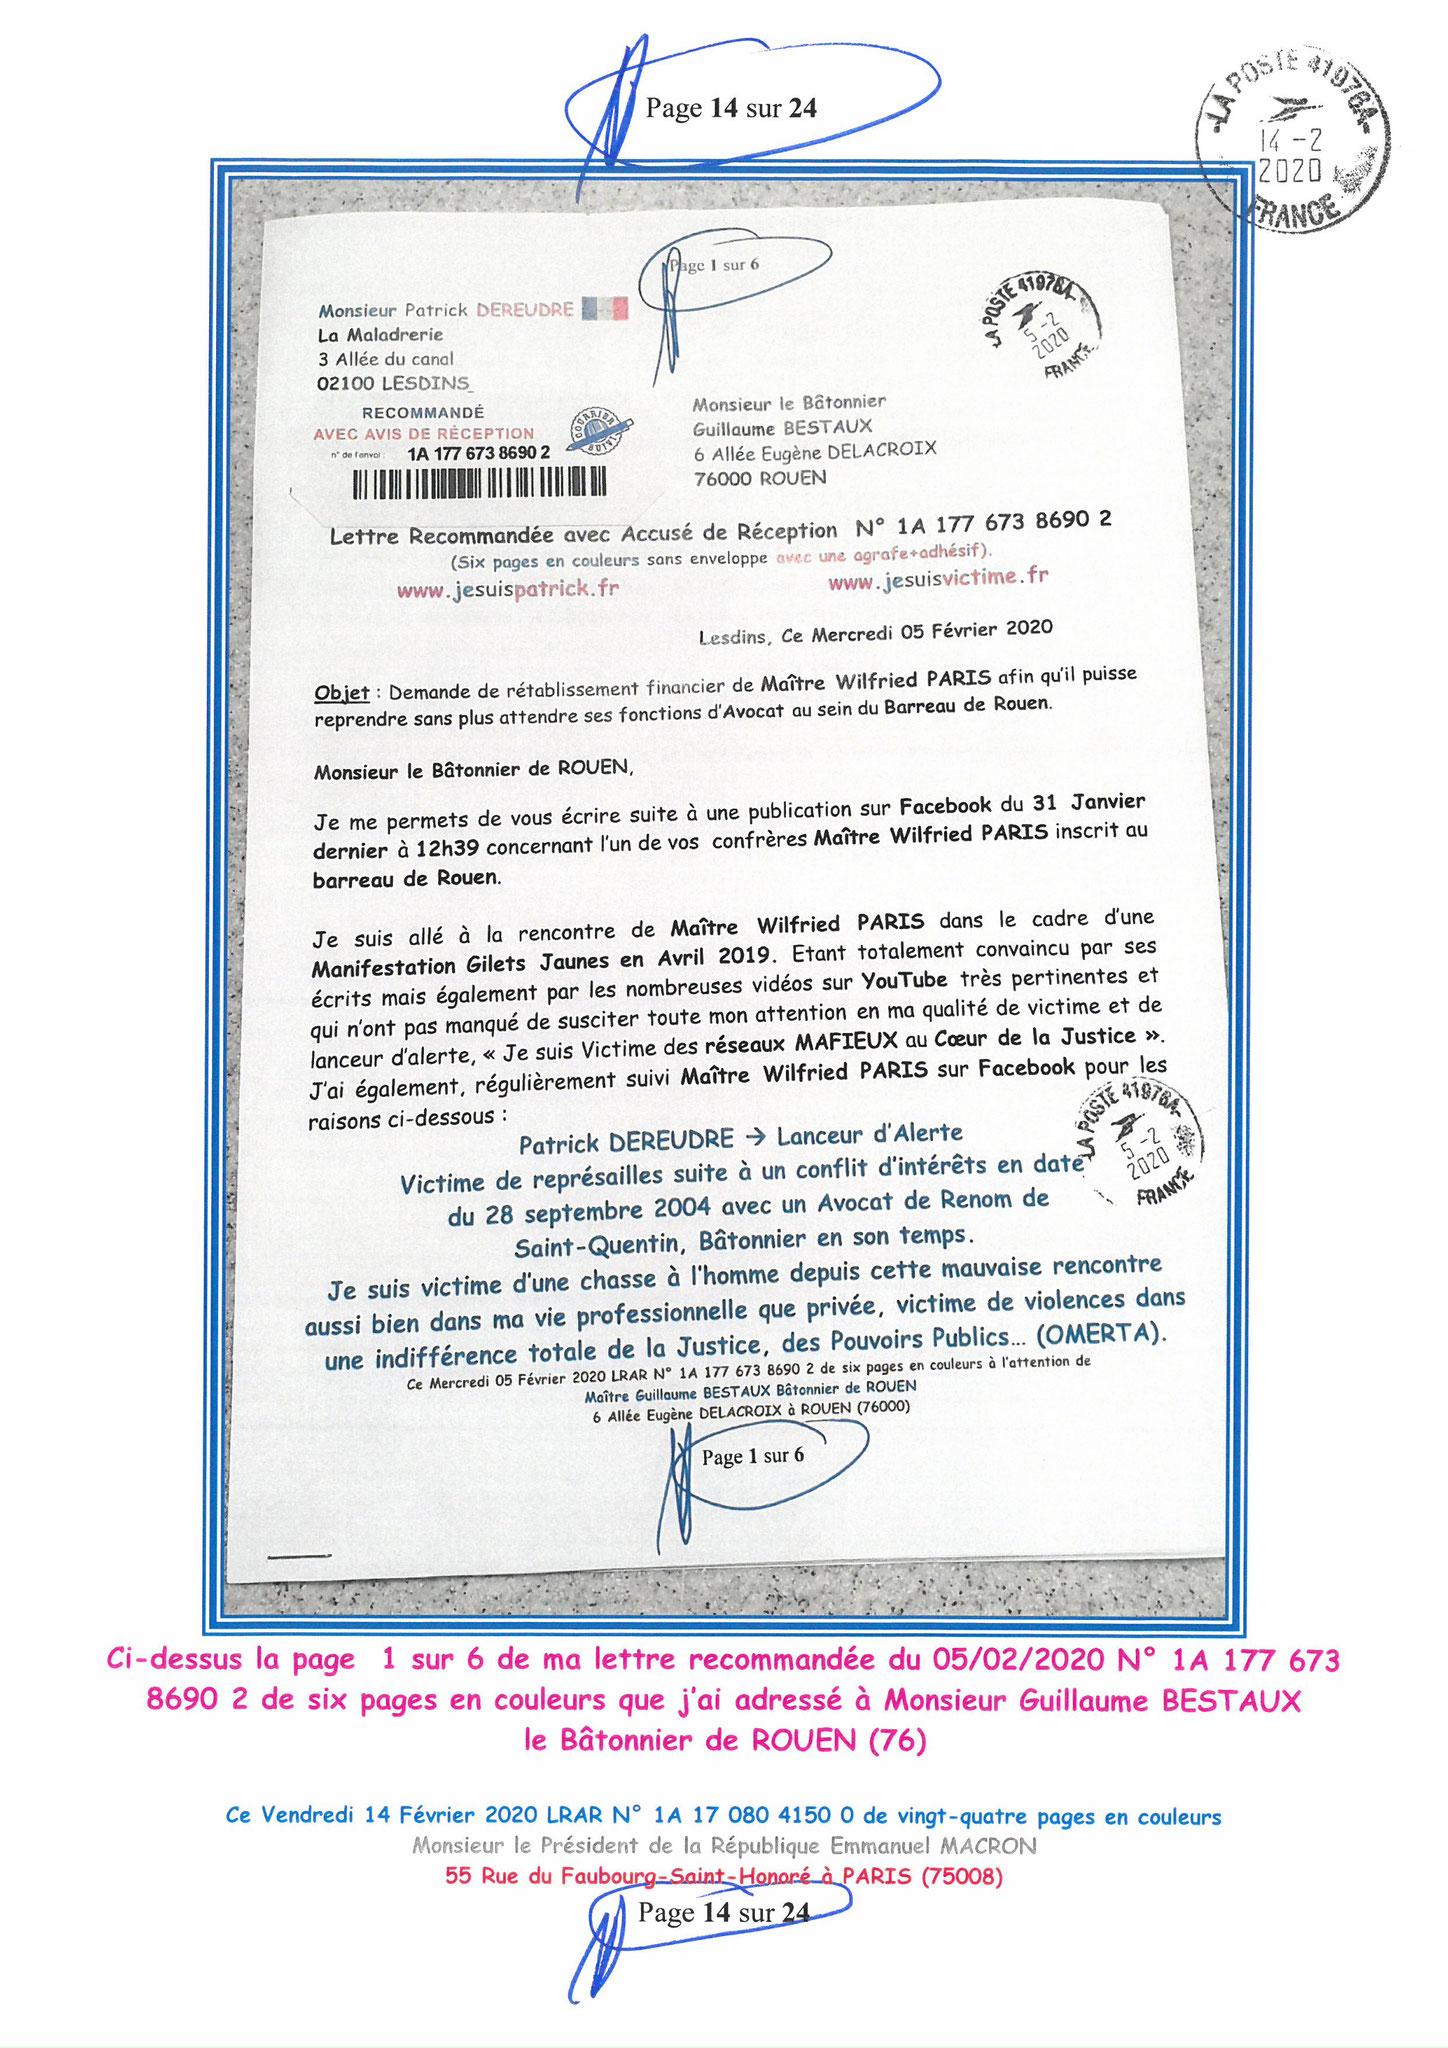 Ma lettre recommandée du 14 Février 2020 N° 1A 178 082 4150 0  page 14 sur 24 en couleur que j'ai adressé à Monsieur Emmanuel MACRON le Président de la République www.jesuispatrick.fr